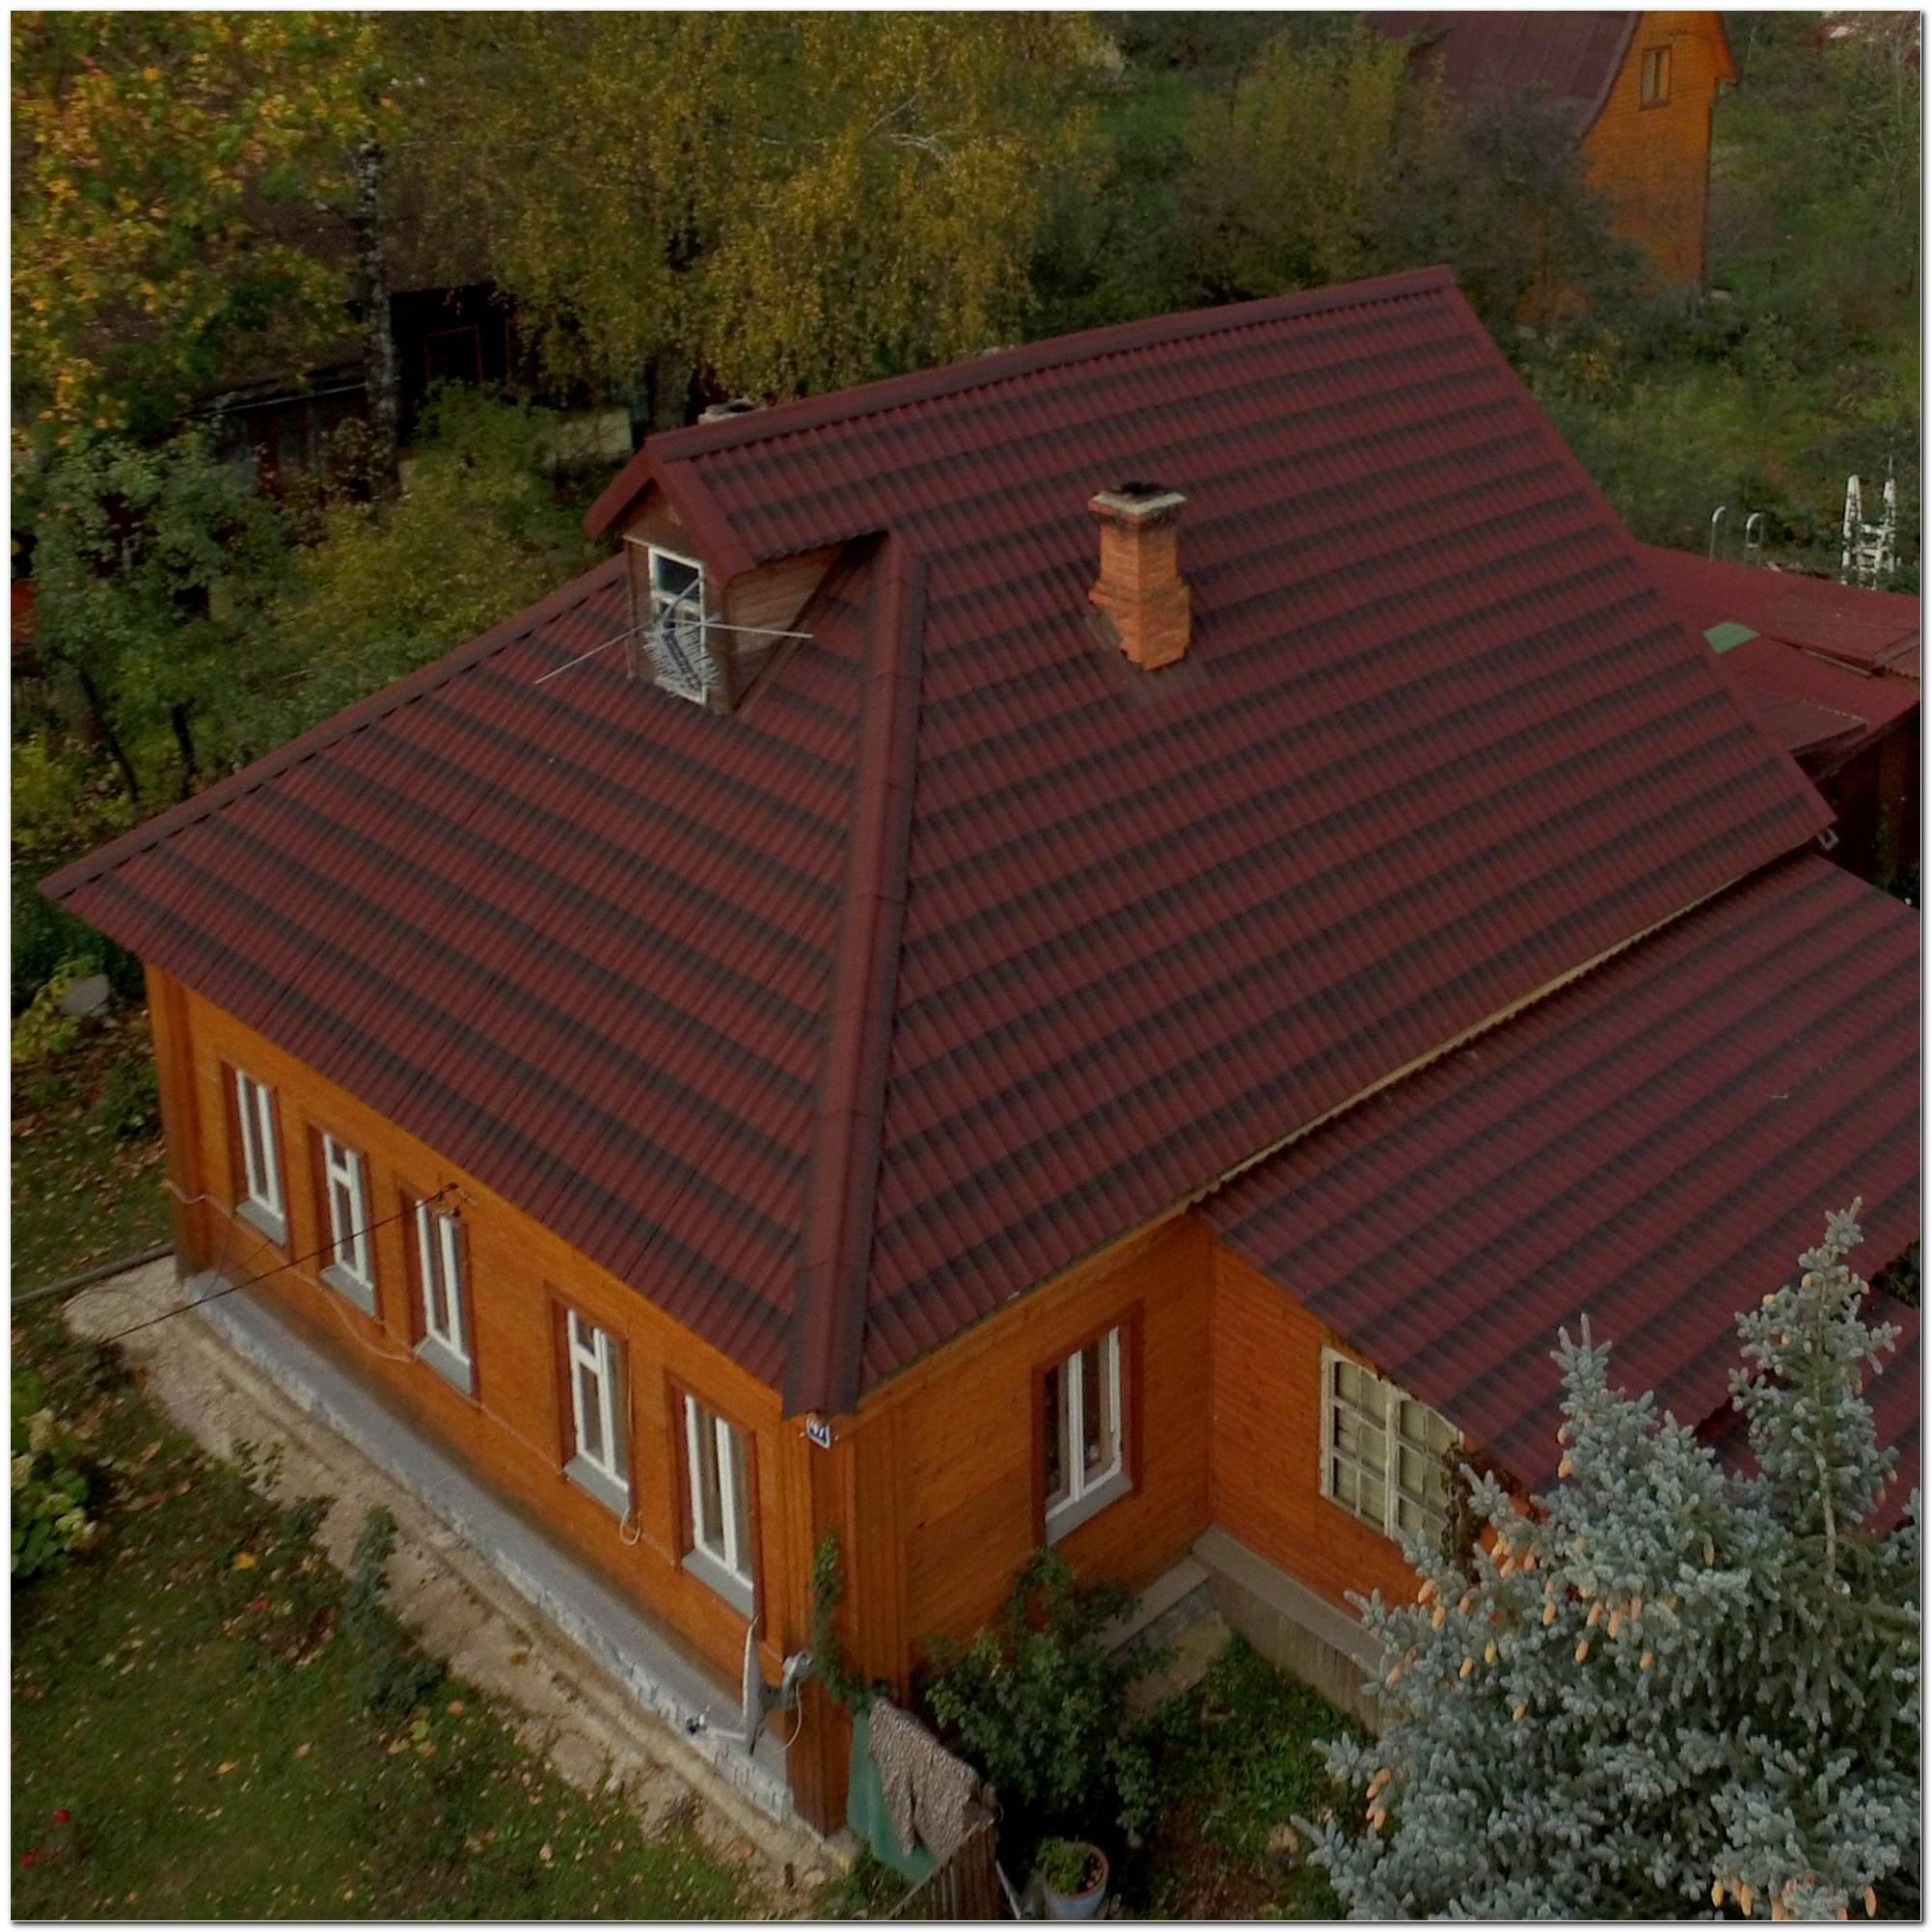 Casa Sustentável Ecológica Vantagens E Projetos Incríveis